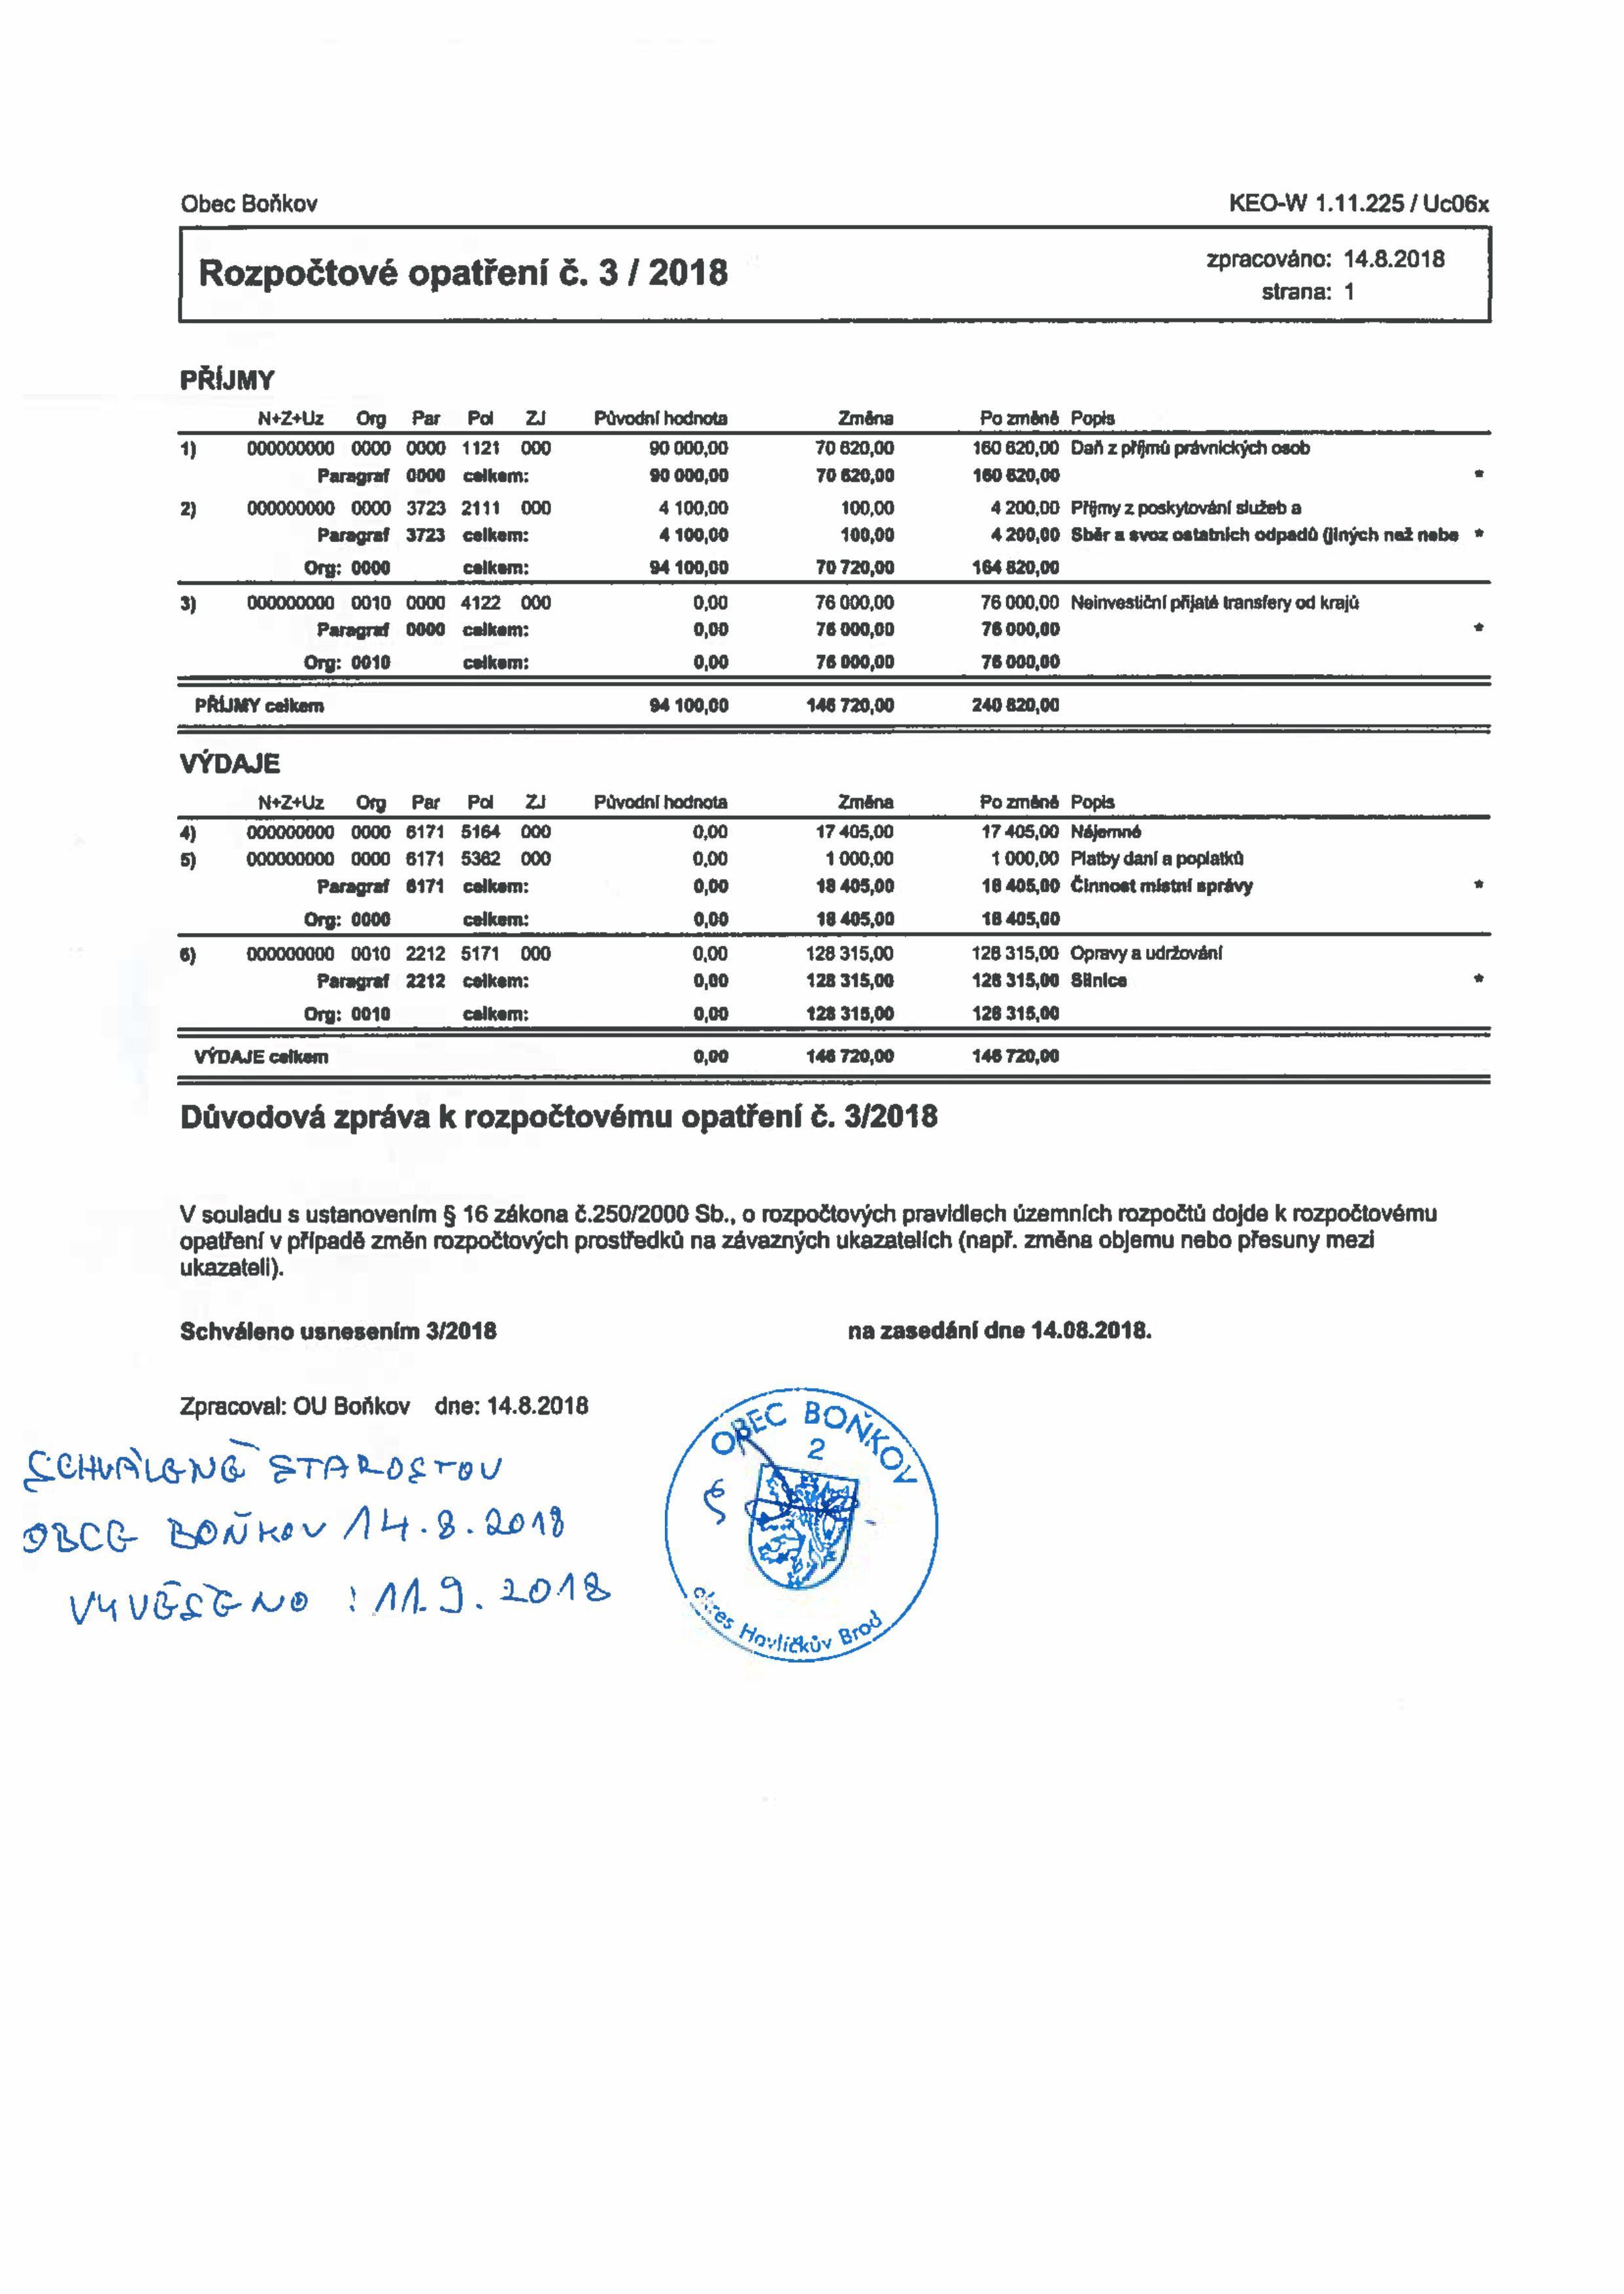 Rozpočtové opatření č. 3/2018